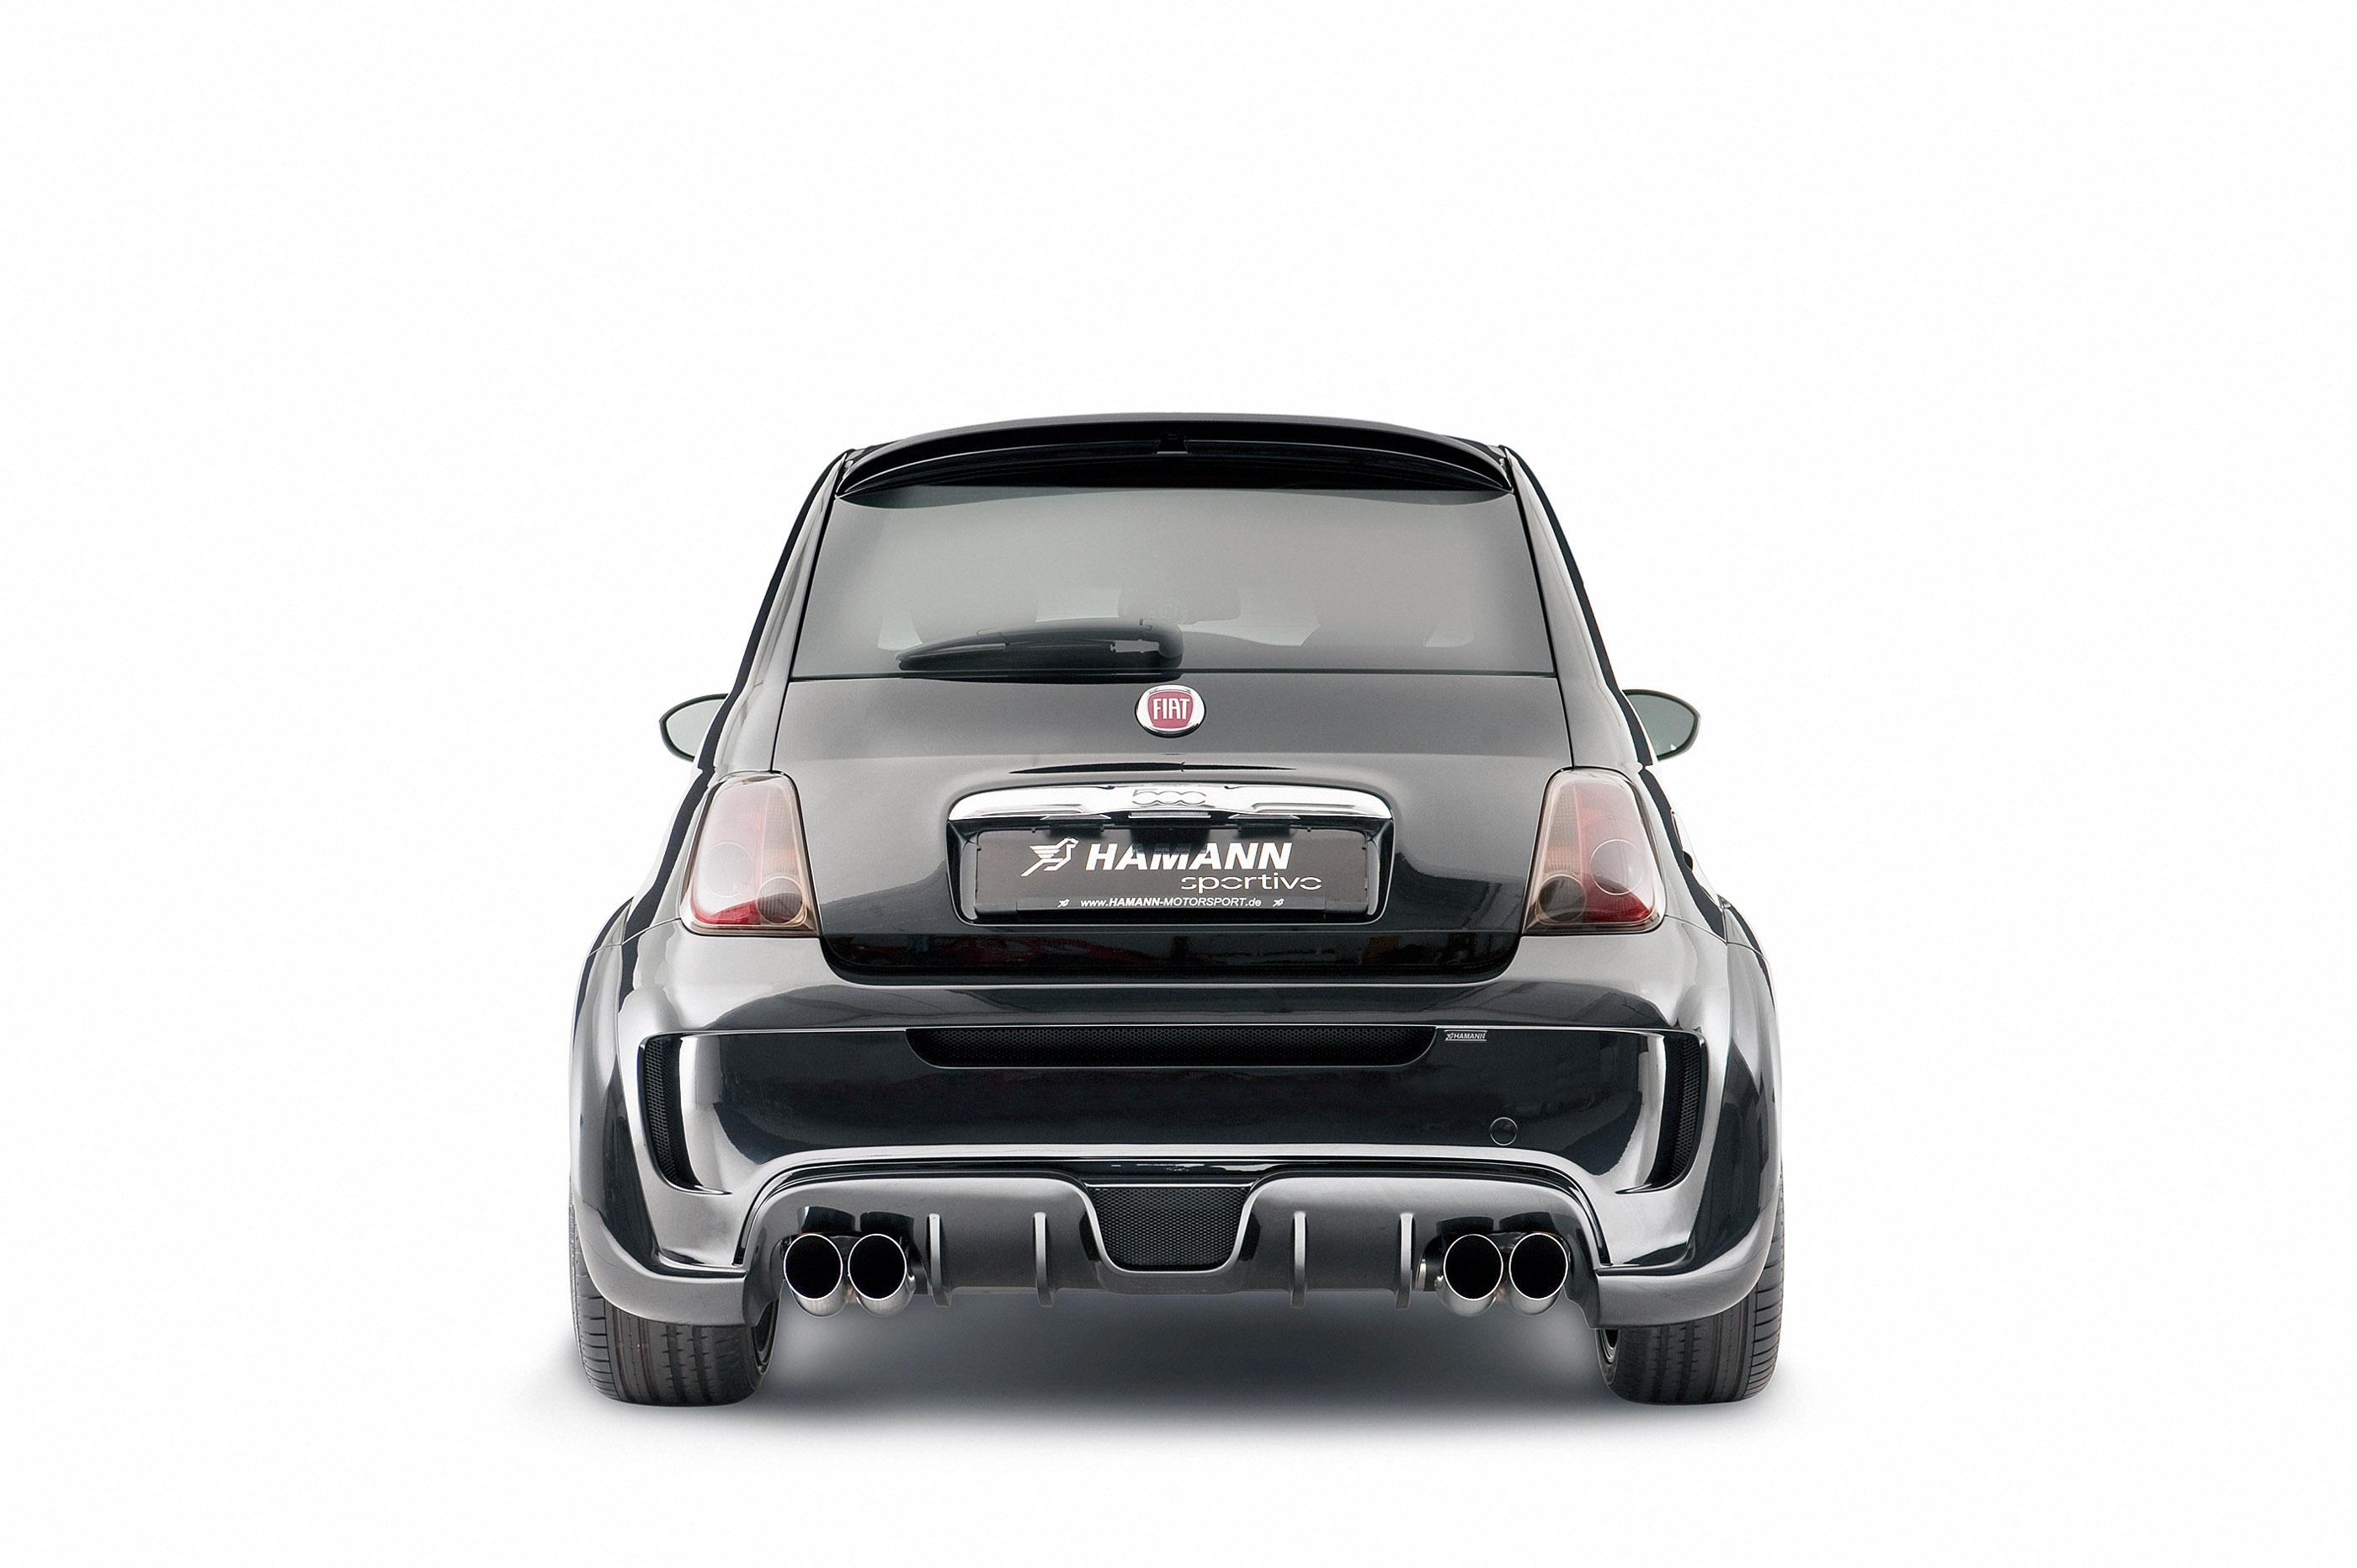 Hamann Largo A Fiat 500 Full Of Dynamism